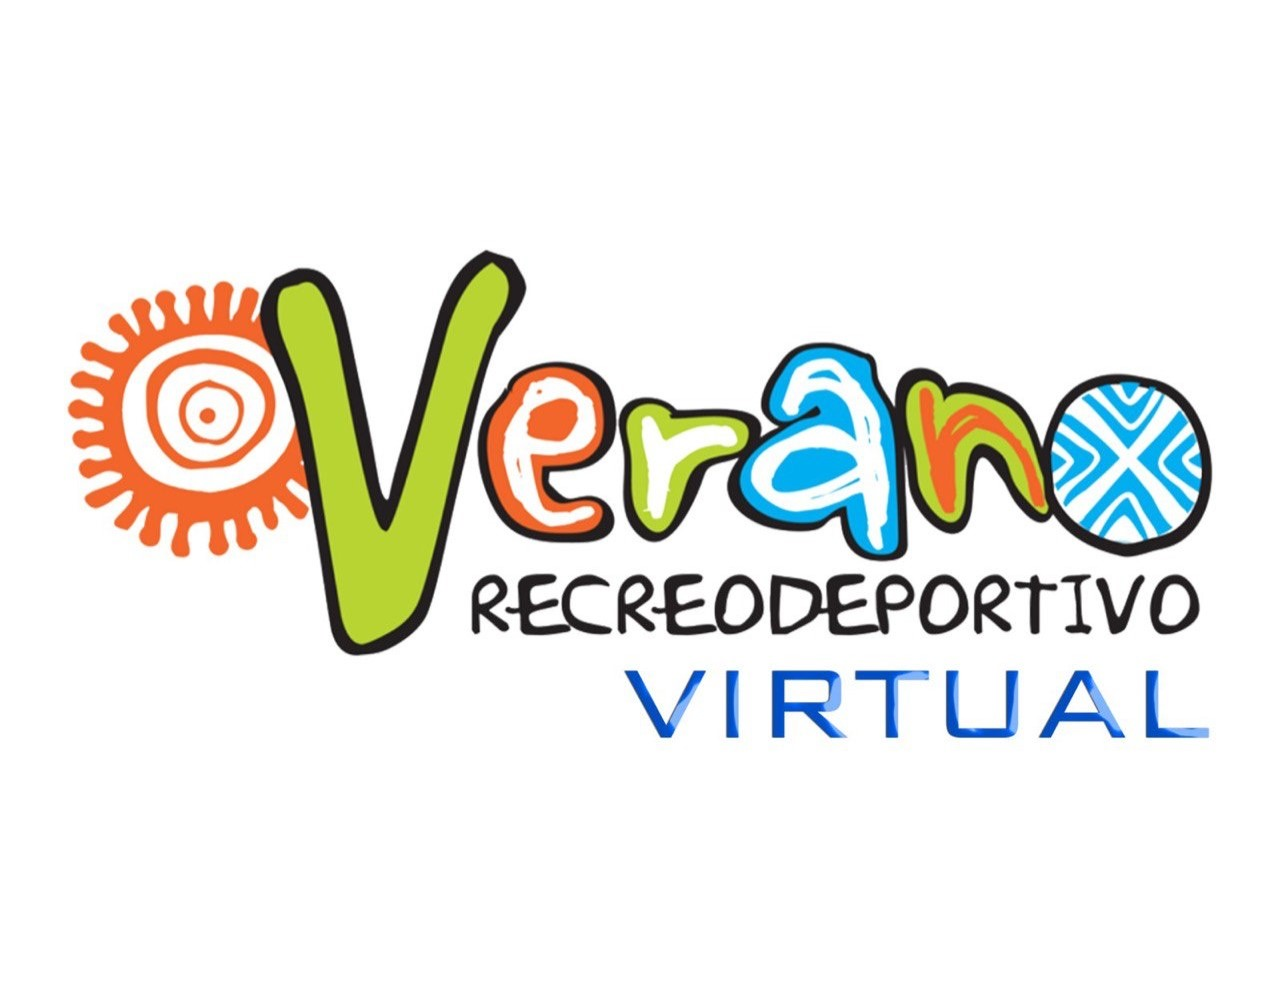 Recreación y Deportes ofrecerá innovadora propuesta de campamento de verano virtual